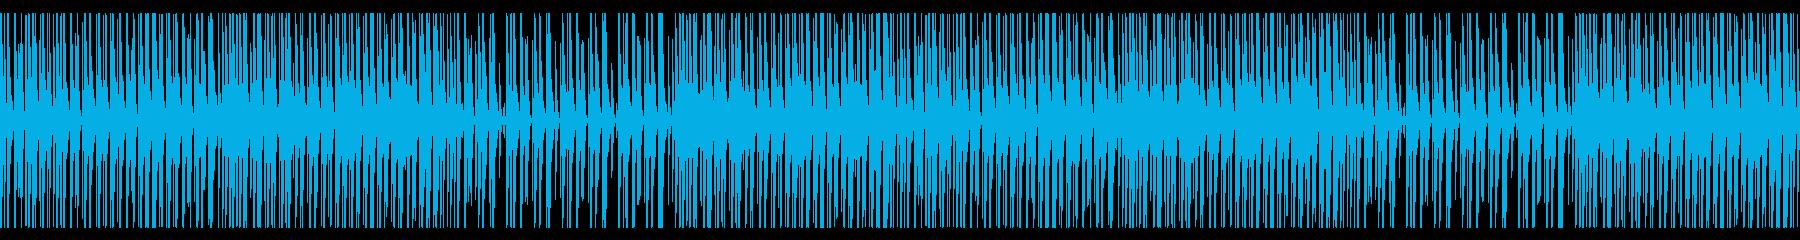 和風で楽しいお祭りBGMの再生済みの波形